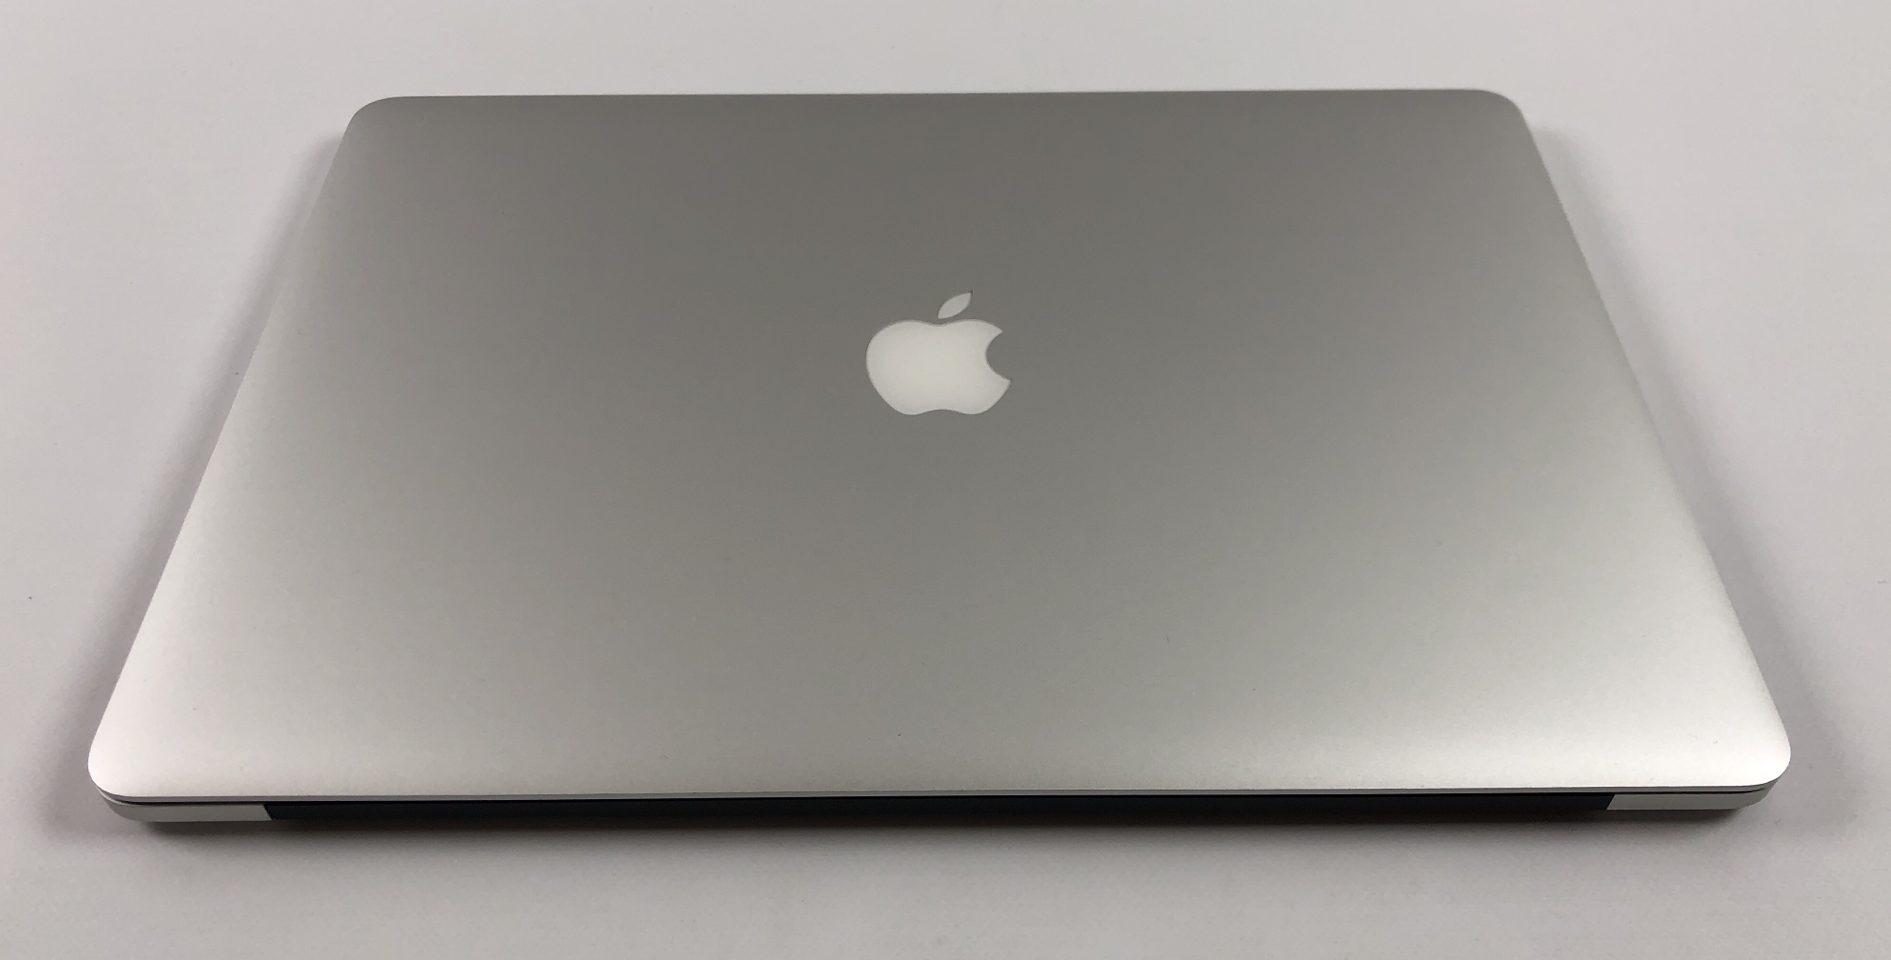 """MacBook Pro Retina 15"""" Mid 2015 (Intel Quad-Core i7 2.8 GHz 16 GB RAM 512 GB SSD), Intel Quad-Core i7 2.8 GHz, 16 GB RAM, 512 GB SSD, Kuva 2"""